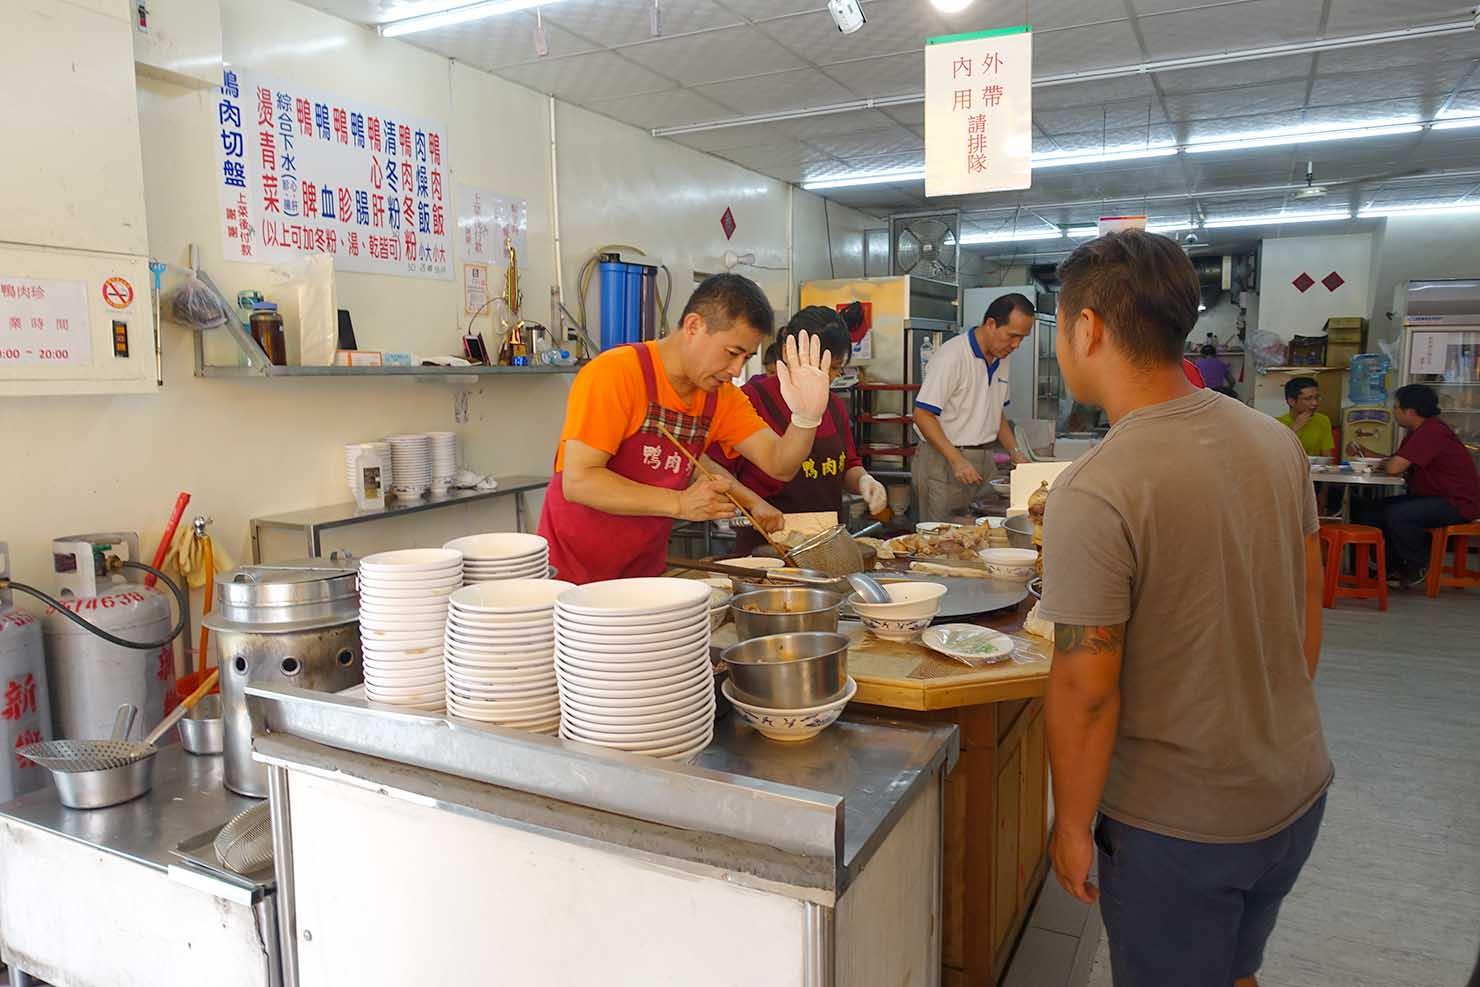 高雄の伝統台湾グルメエリア・鹽埕埔「鴨肉珍」のカウンター